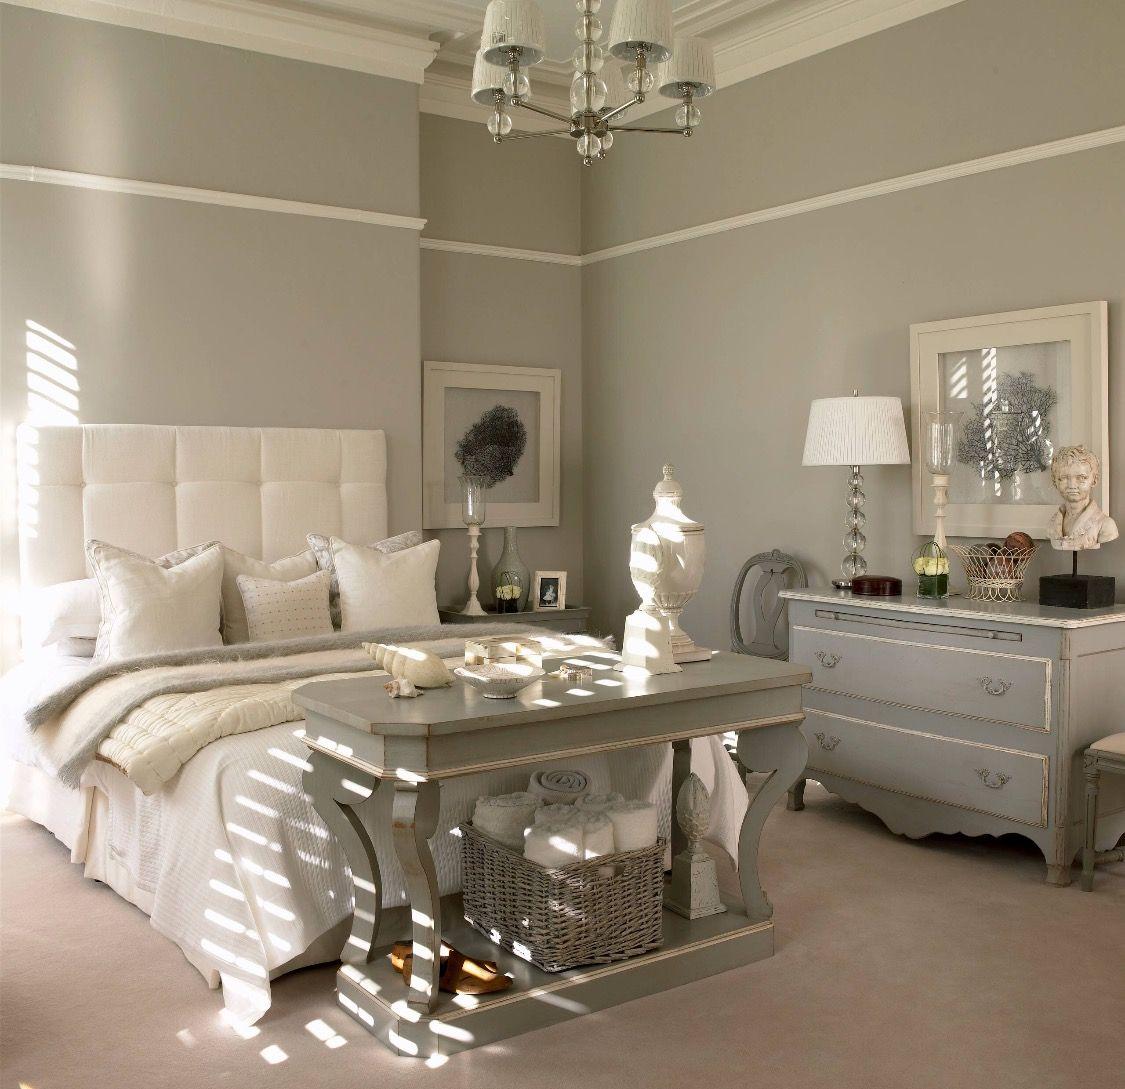 houzz bedroom furniture. Via Houzz #bedroom #bedroomdesign #houzz Bedroom Furniture